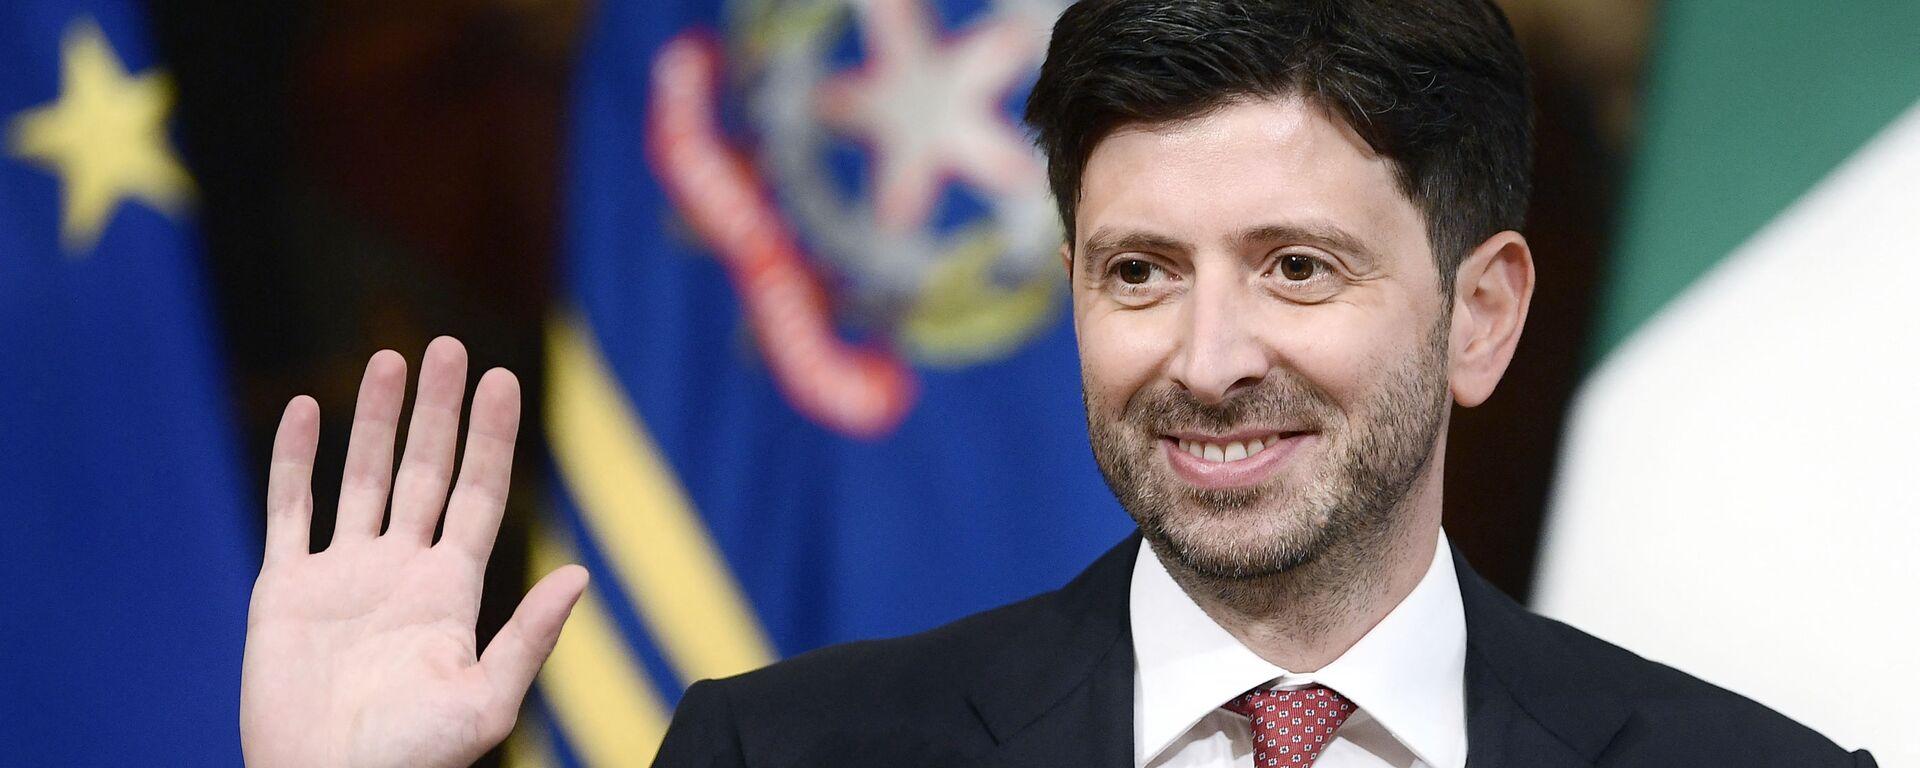 Roberto Speranza, ministro della Salute - Sputnik Italia, 1920, 28.04.2021